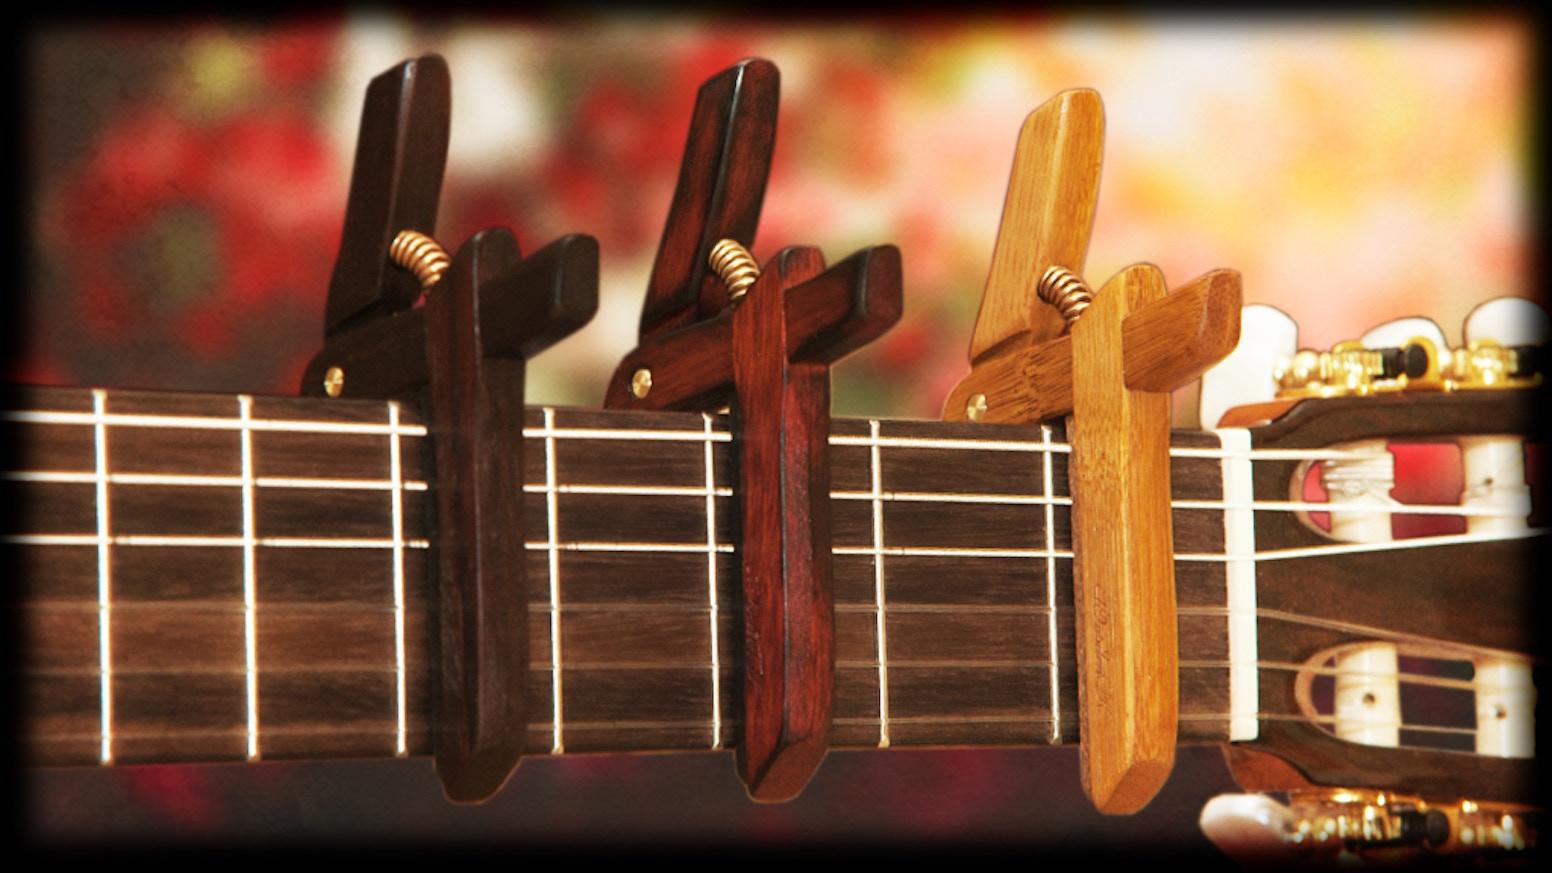 Hand Crafted Wooden Guitar Ukulele Capos By Leonardo Gulli